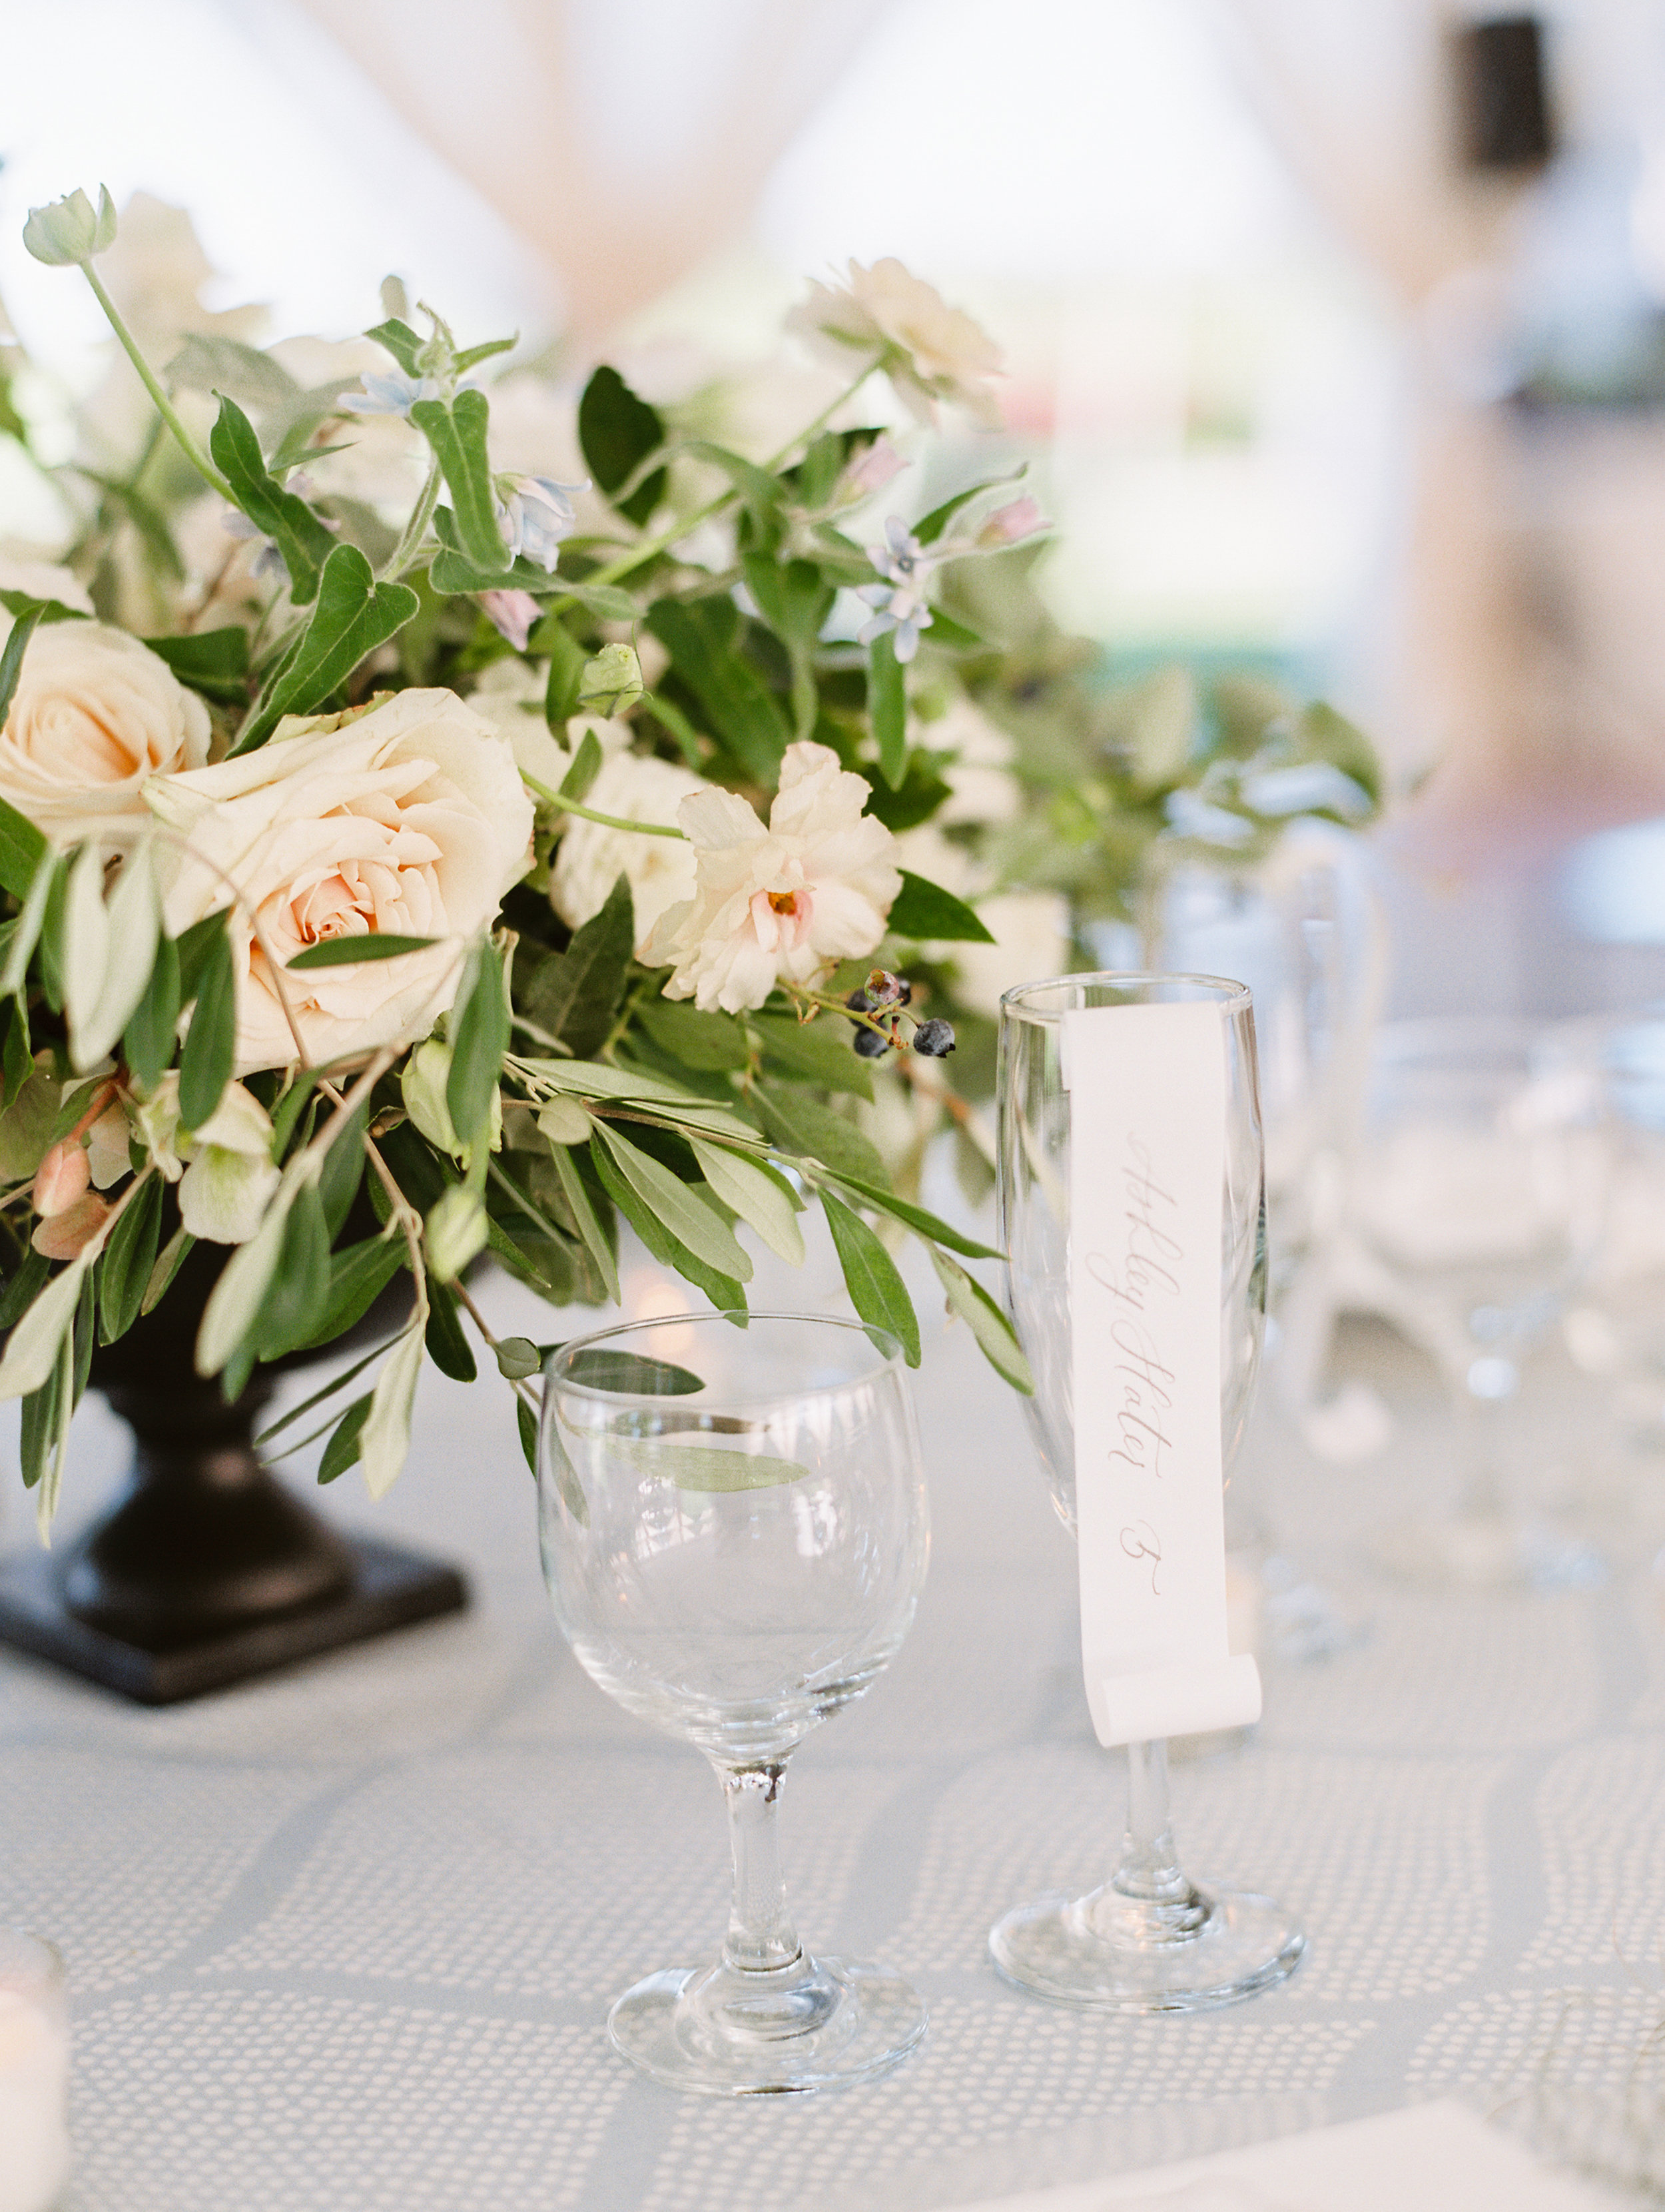 Steinlage+Wedding+Reception+Details-123.jpg